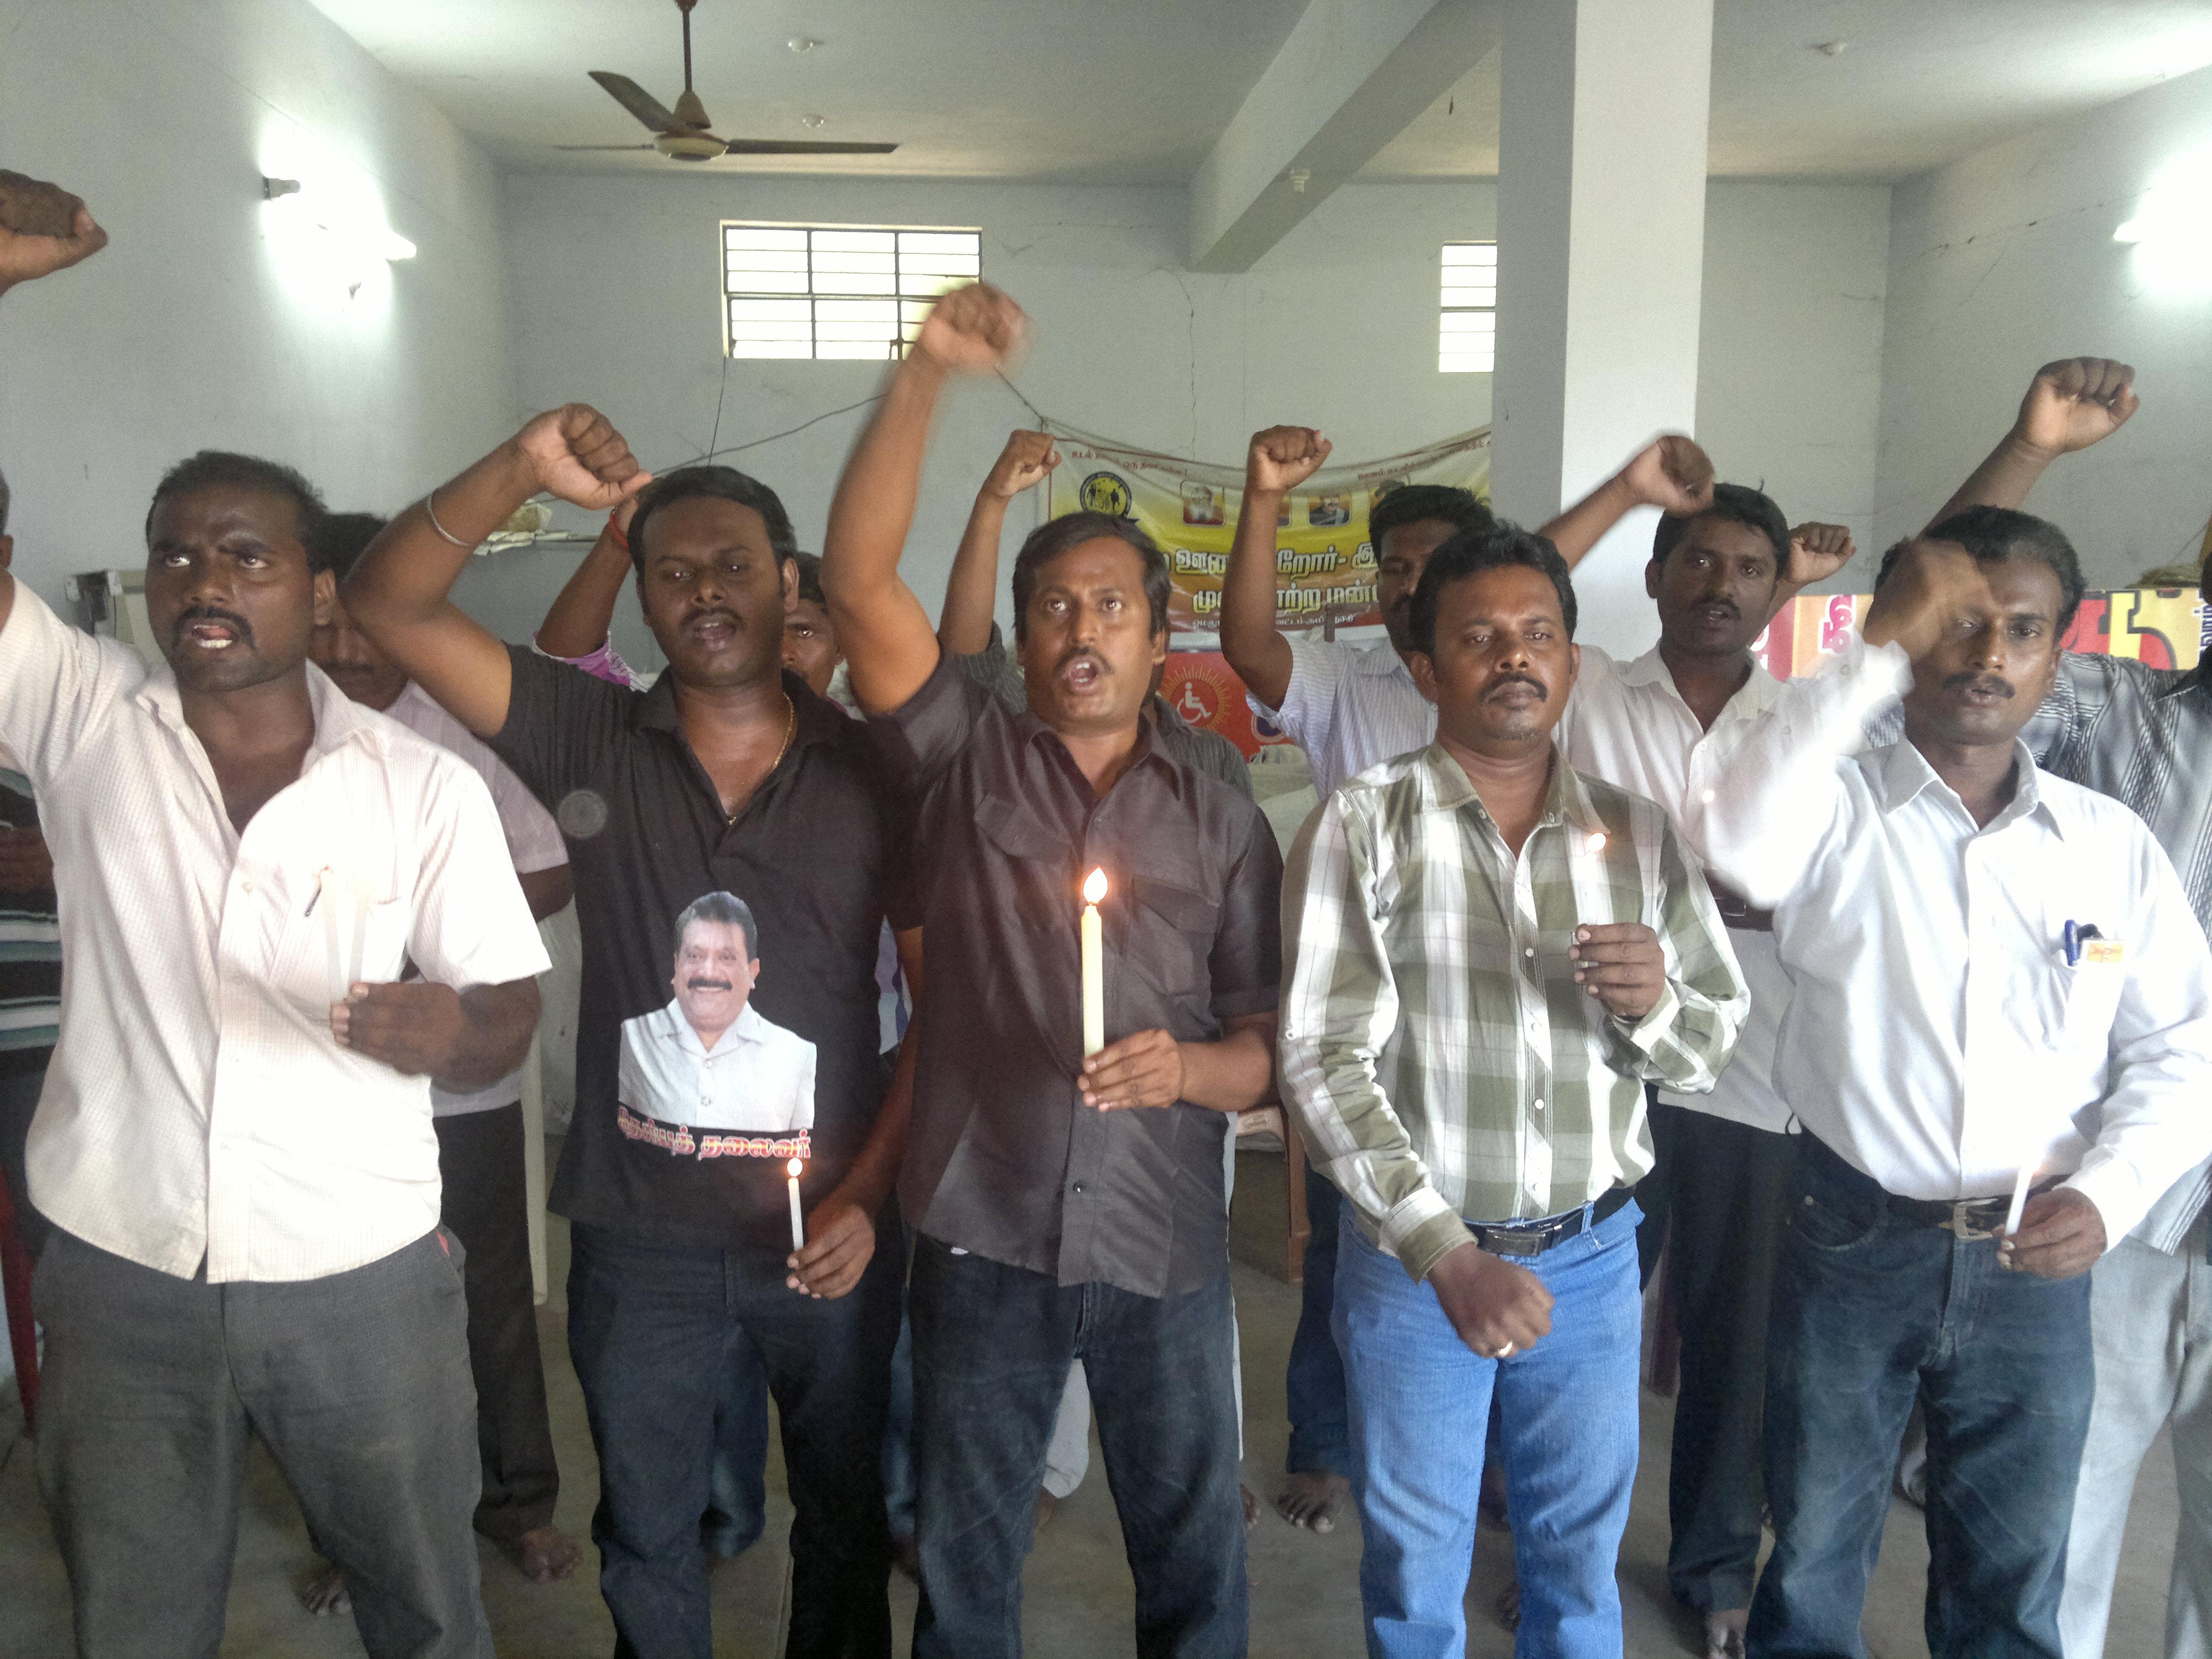 சேலம் மாவட்டம் ஓமலூரில் அய்யா மணிவண்ணன் அவர்களுக்கு வீரவணக்க நிகழ்வு நடைபெற்றது. 2014 06 15 177